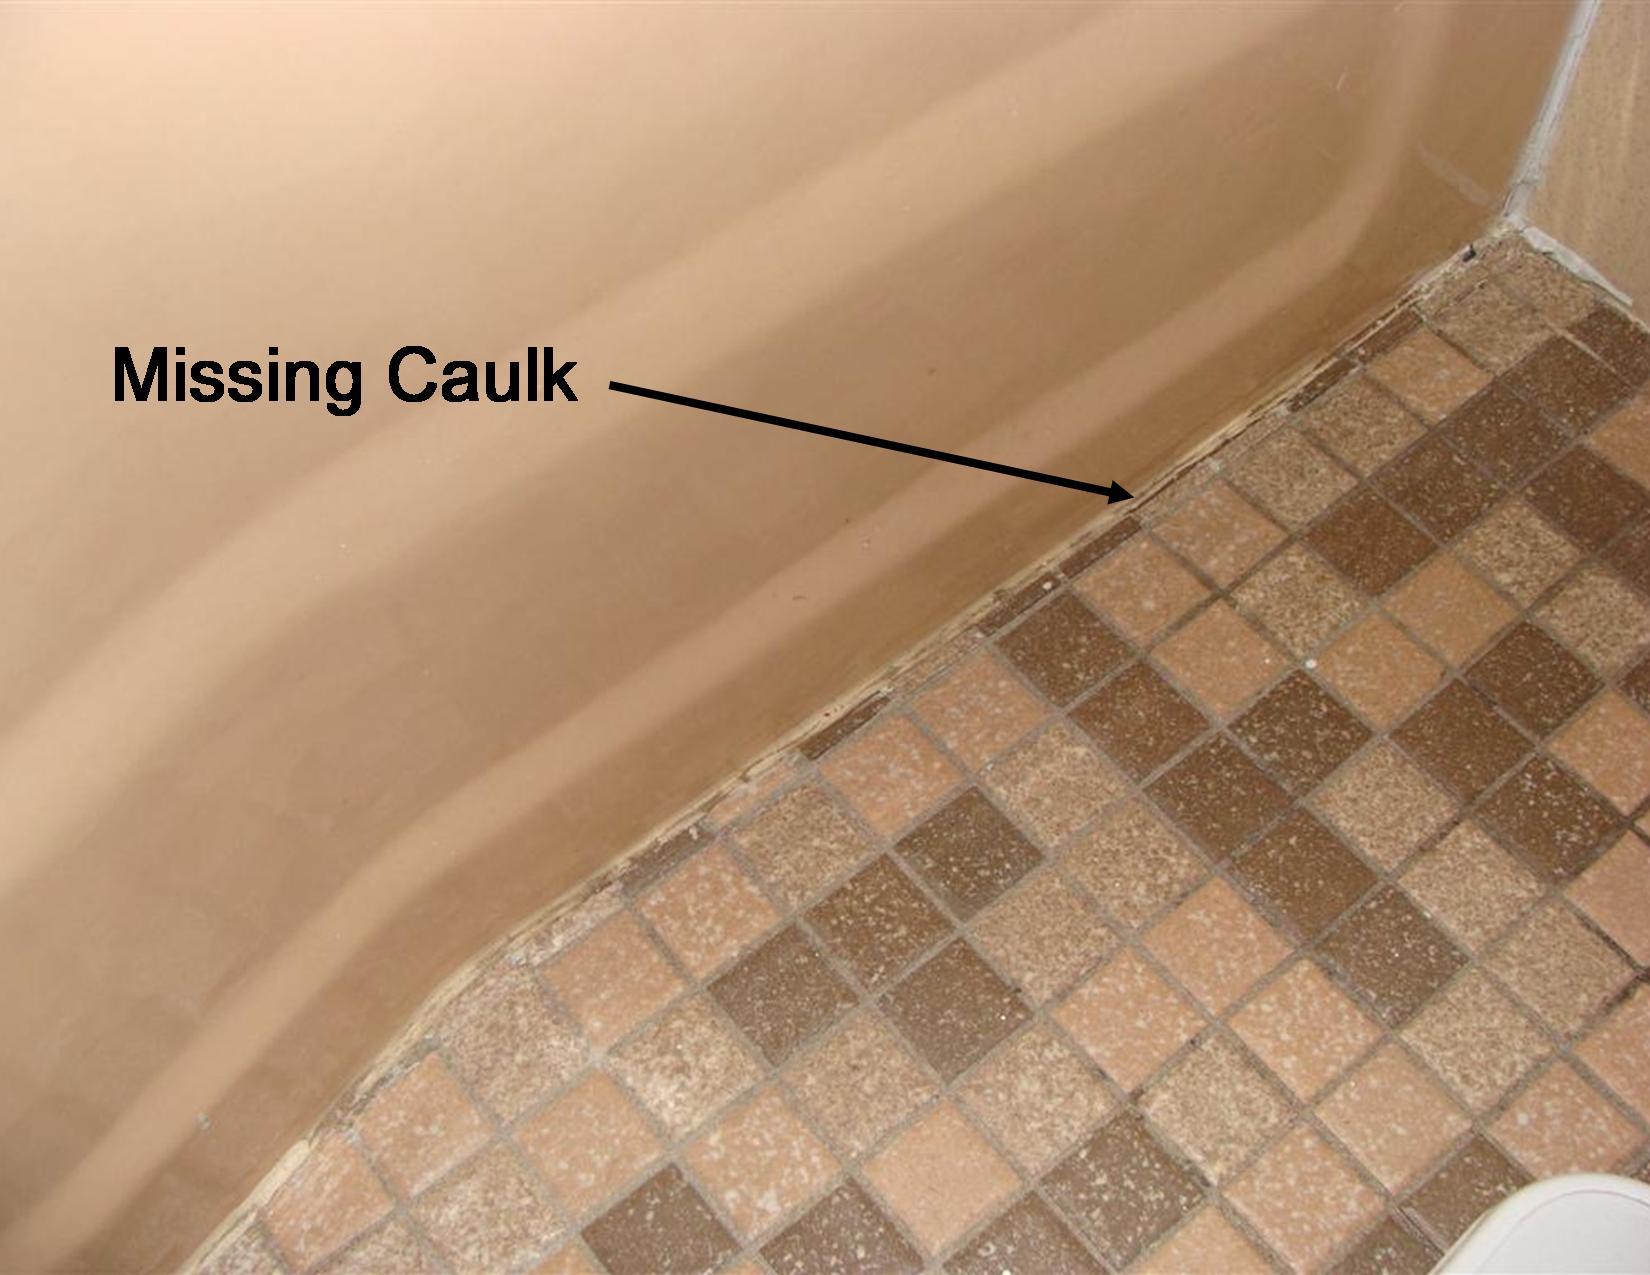 Gap at tub and floor